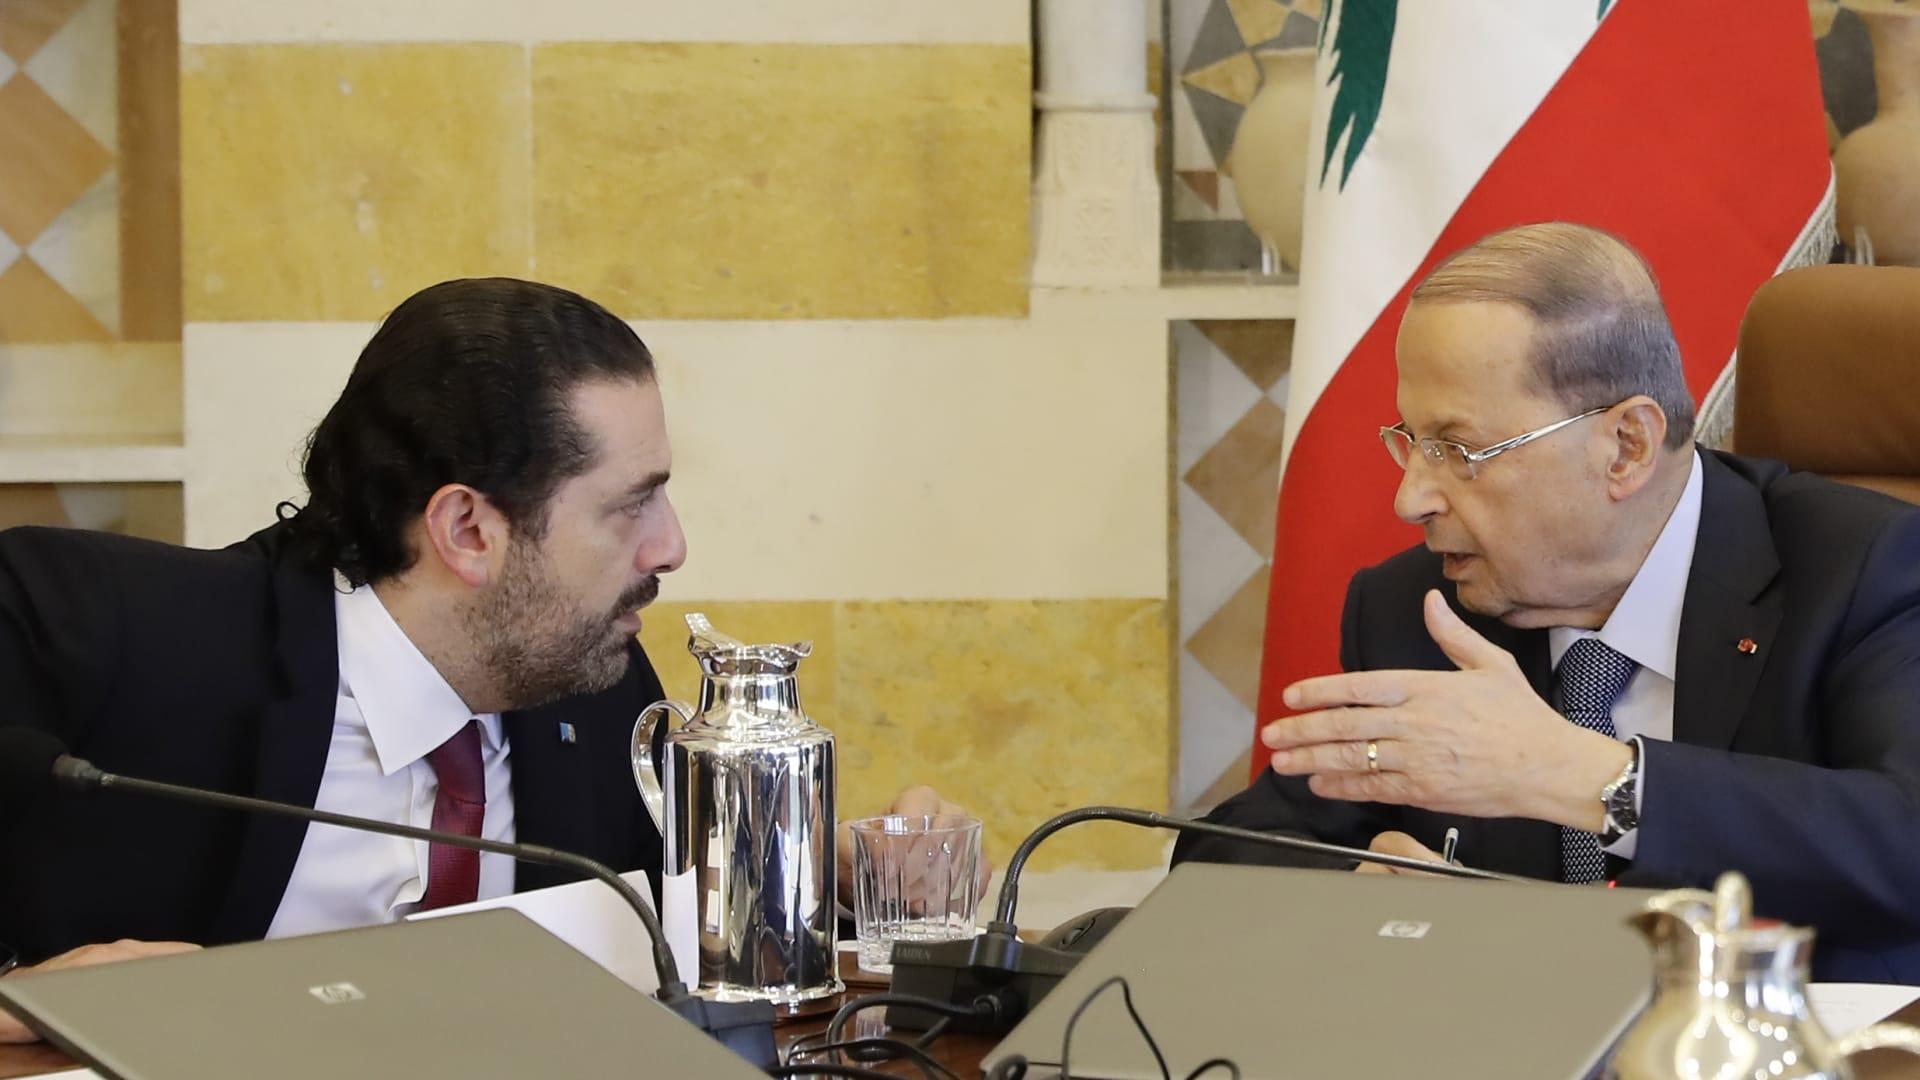 """عون يضع الحريري أمام خيارين ويرفض """"التحجج أو التأخير"""": علينا أن ننقذ لبنان"""